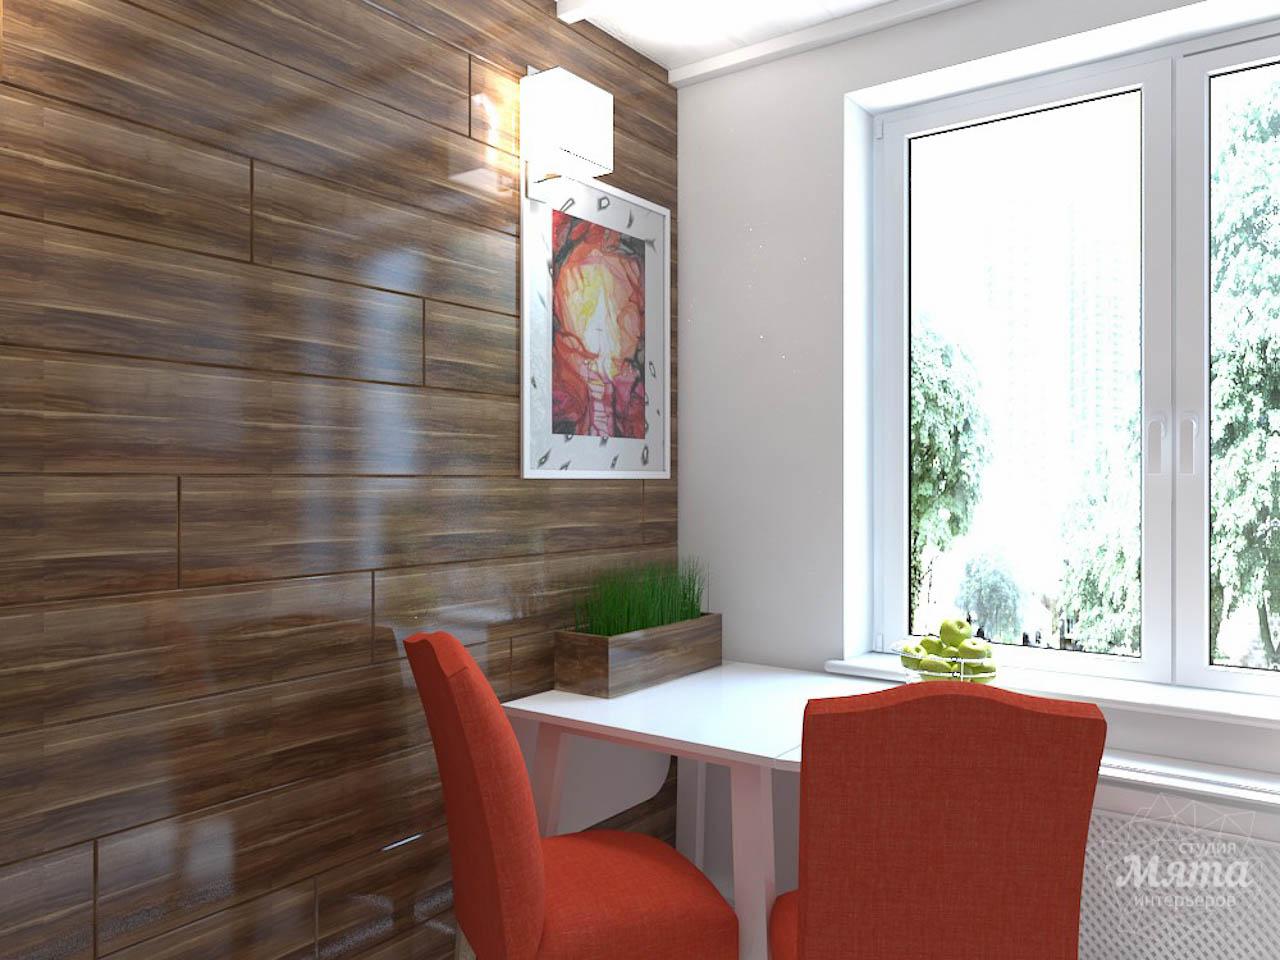 Дизайн интерьера однокомнатной квартиры в стиле минимализм по ул. Чапаева 30 img988147724